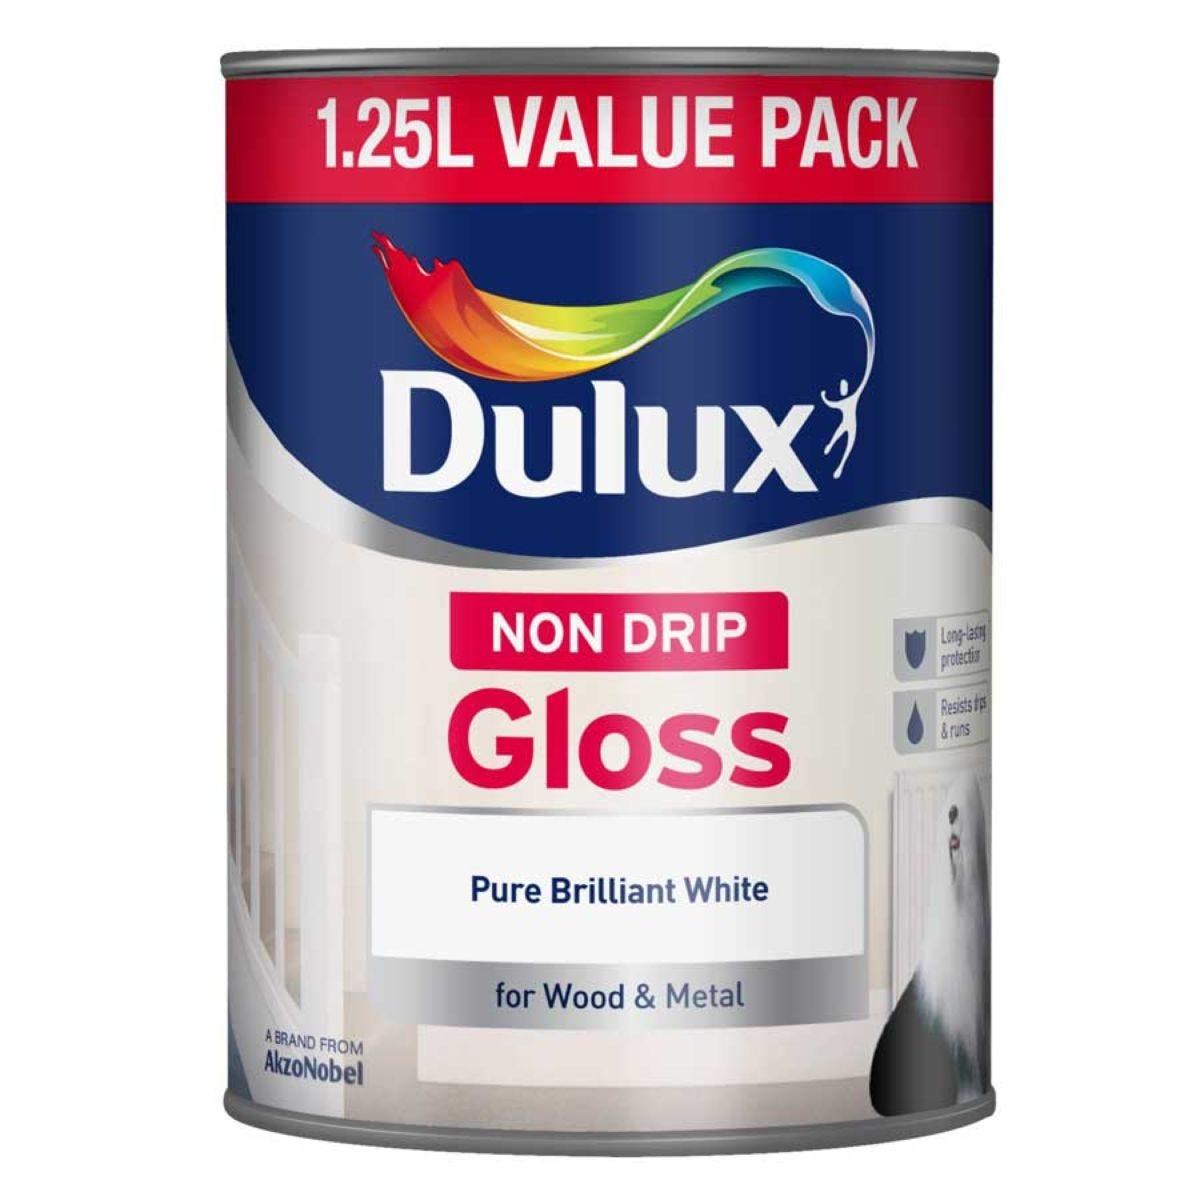 Dulux Non-Drip Gloss Paint – Pure Brilliant White – 1.25L